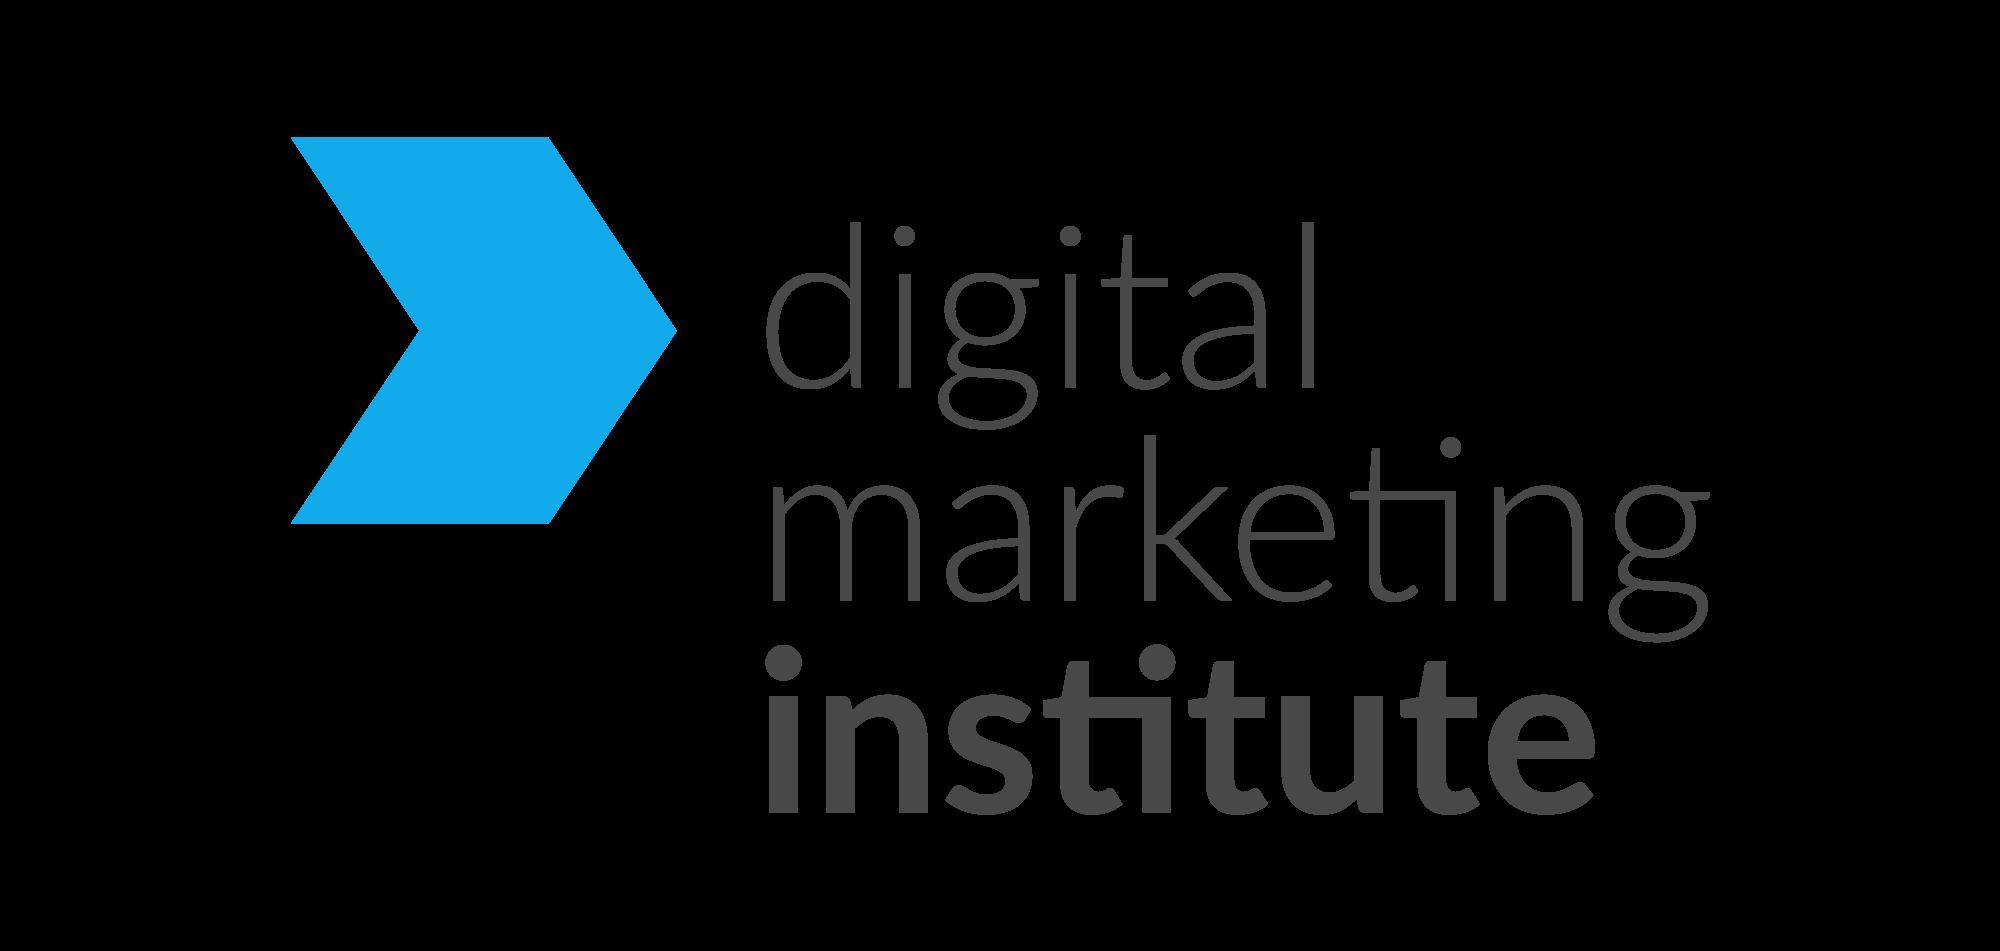 Png digitalmi logo signature default